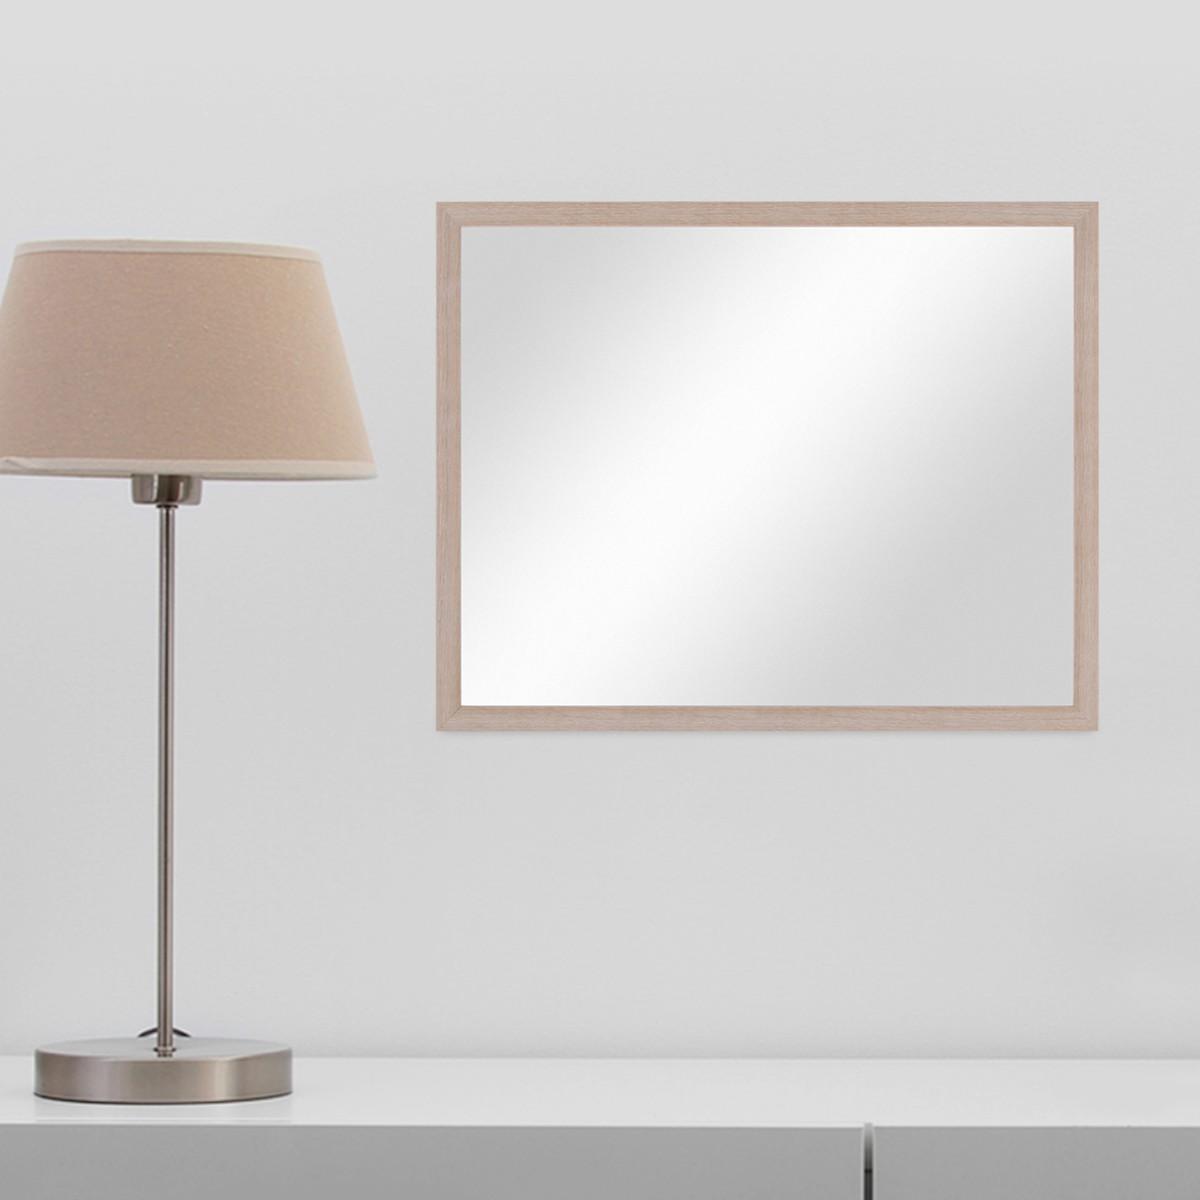 wand spiegel 43x53 cm im holzrahmen sonoma eiche hell modern spiegelfl che 40x50 cm spiegel. Black Bedroom Furniture Sets. Home Design Ideas